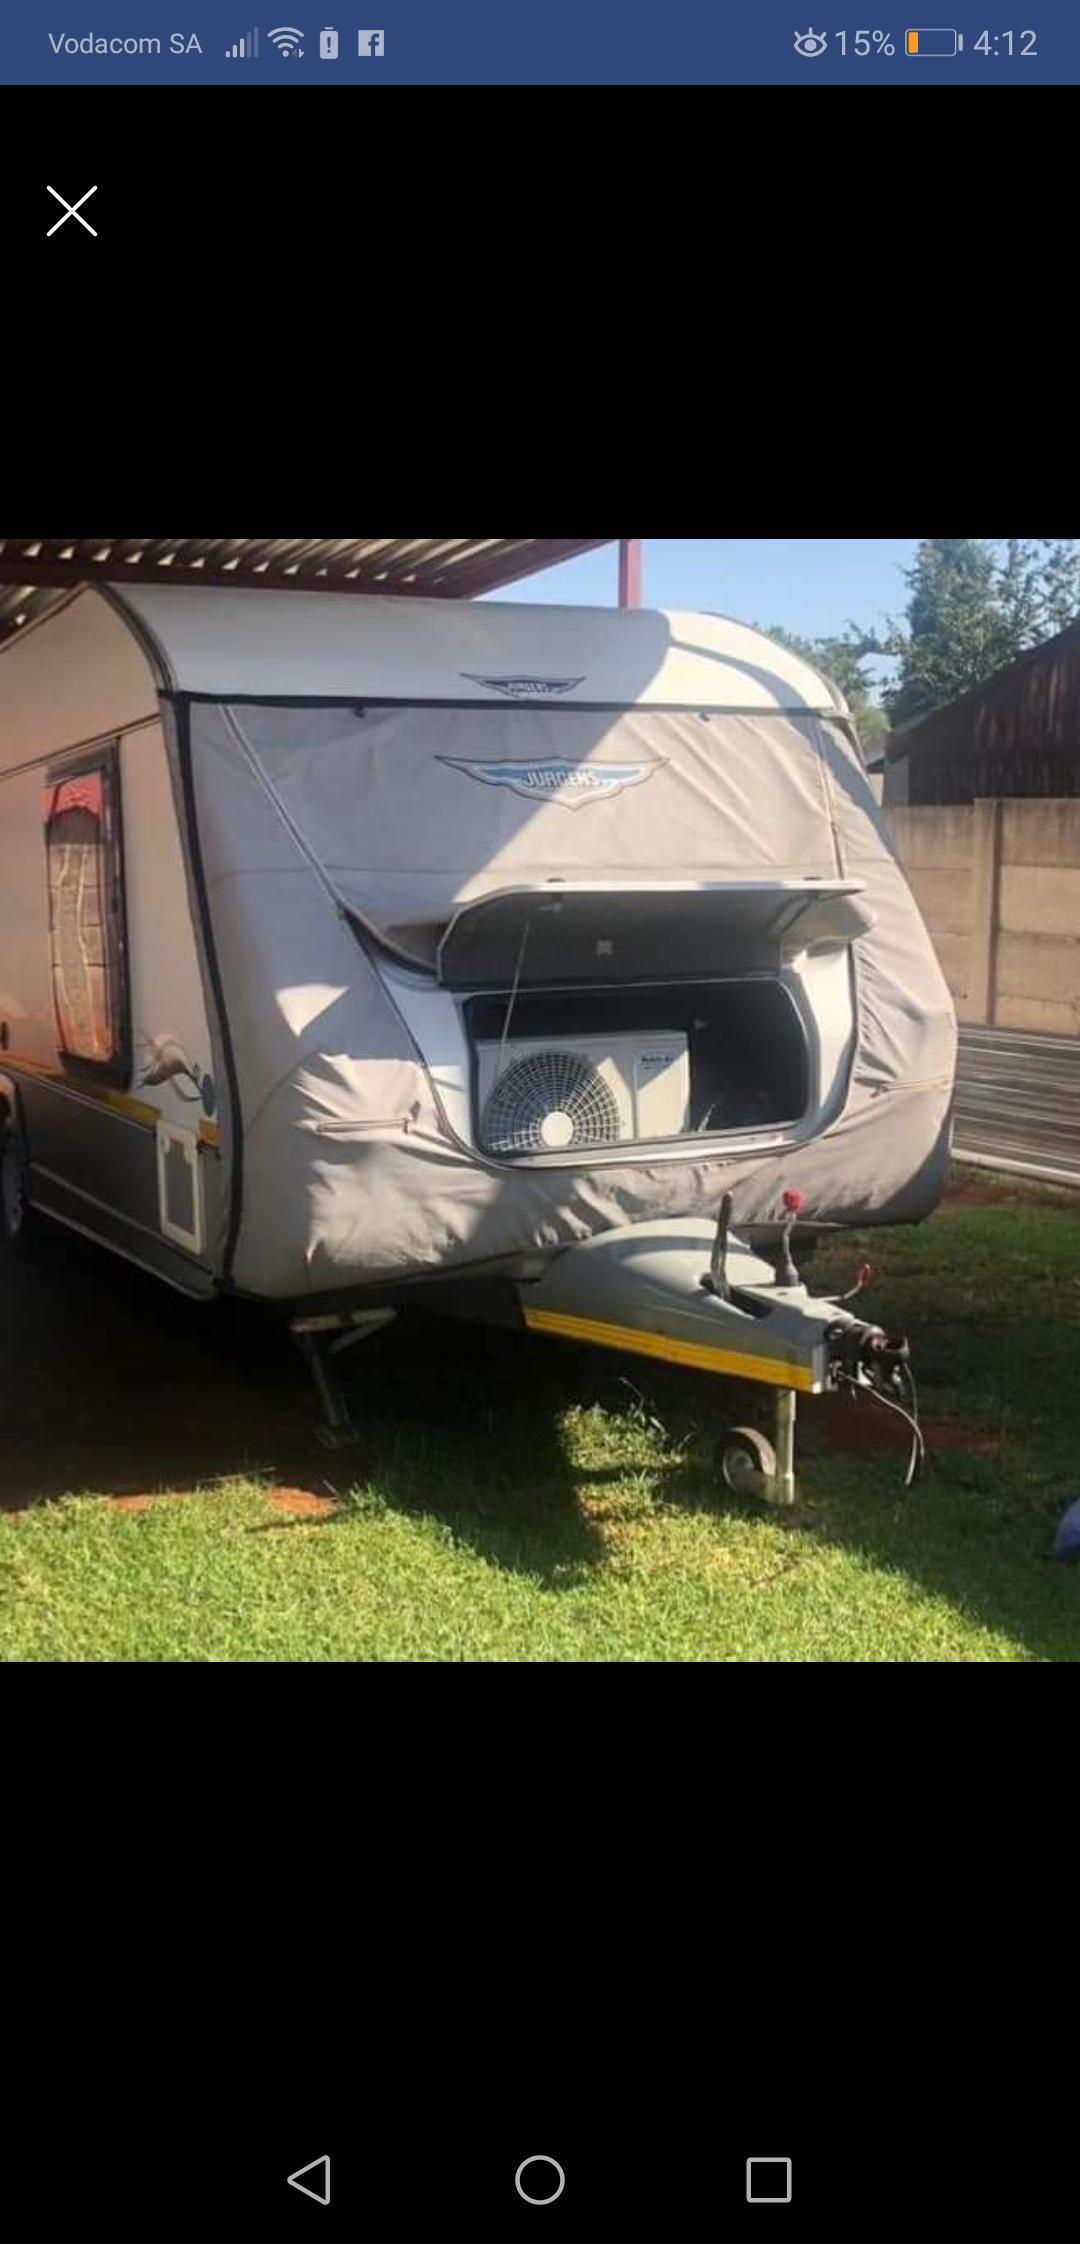 Jurgens Exclusive Double Wheel Caravan